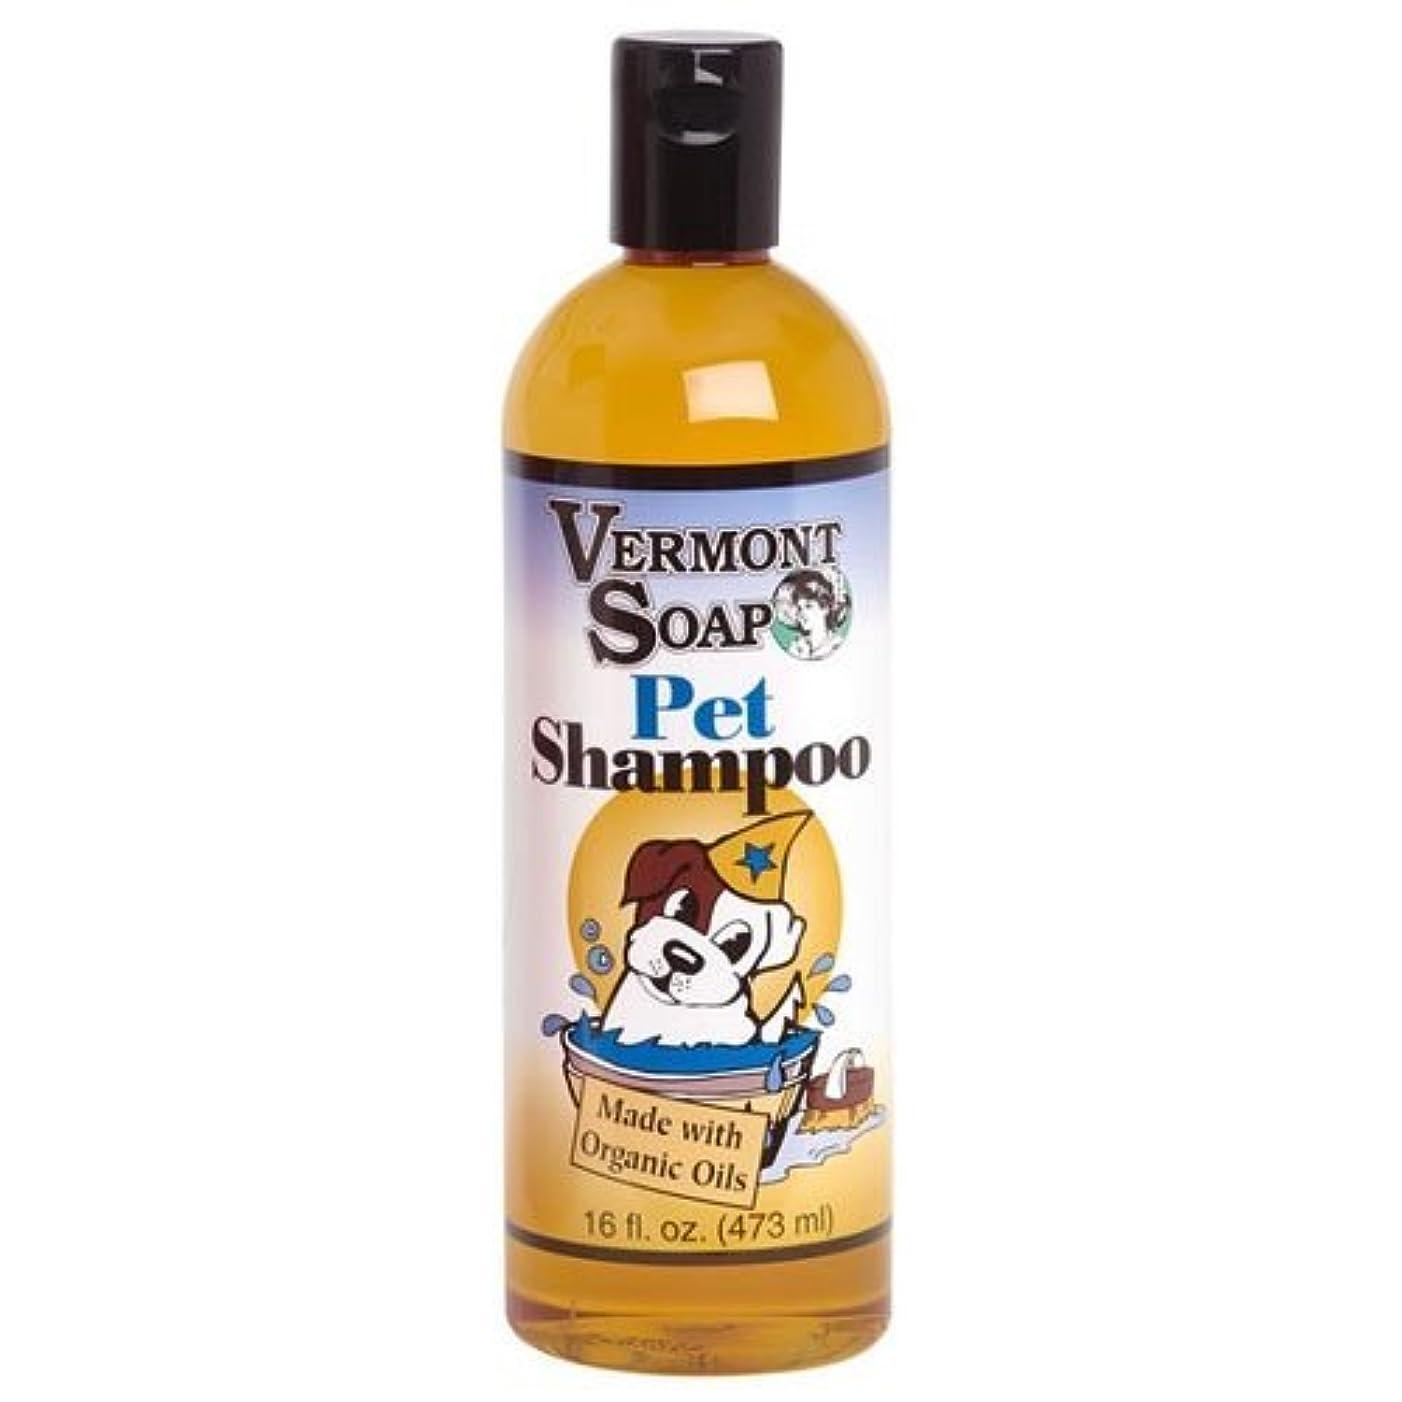 革新リズミカルな上院バーモントソープ オーガニック ペットシャンプー Pet Shampoo